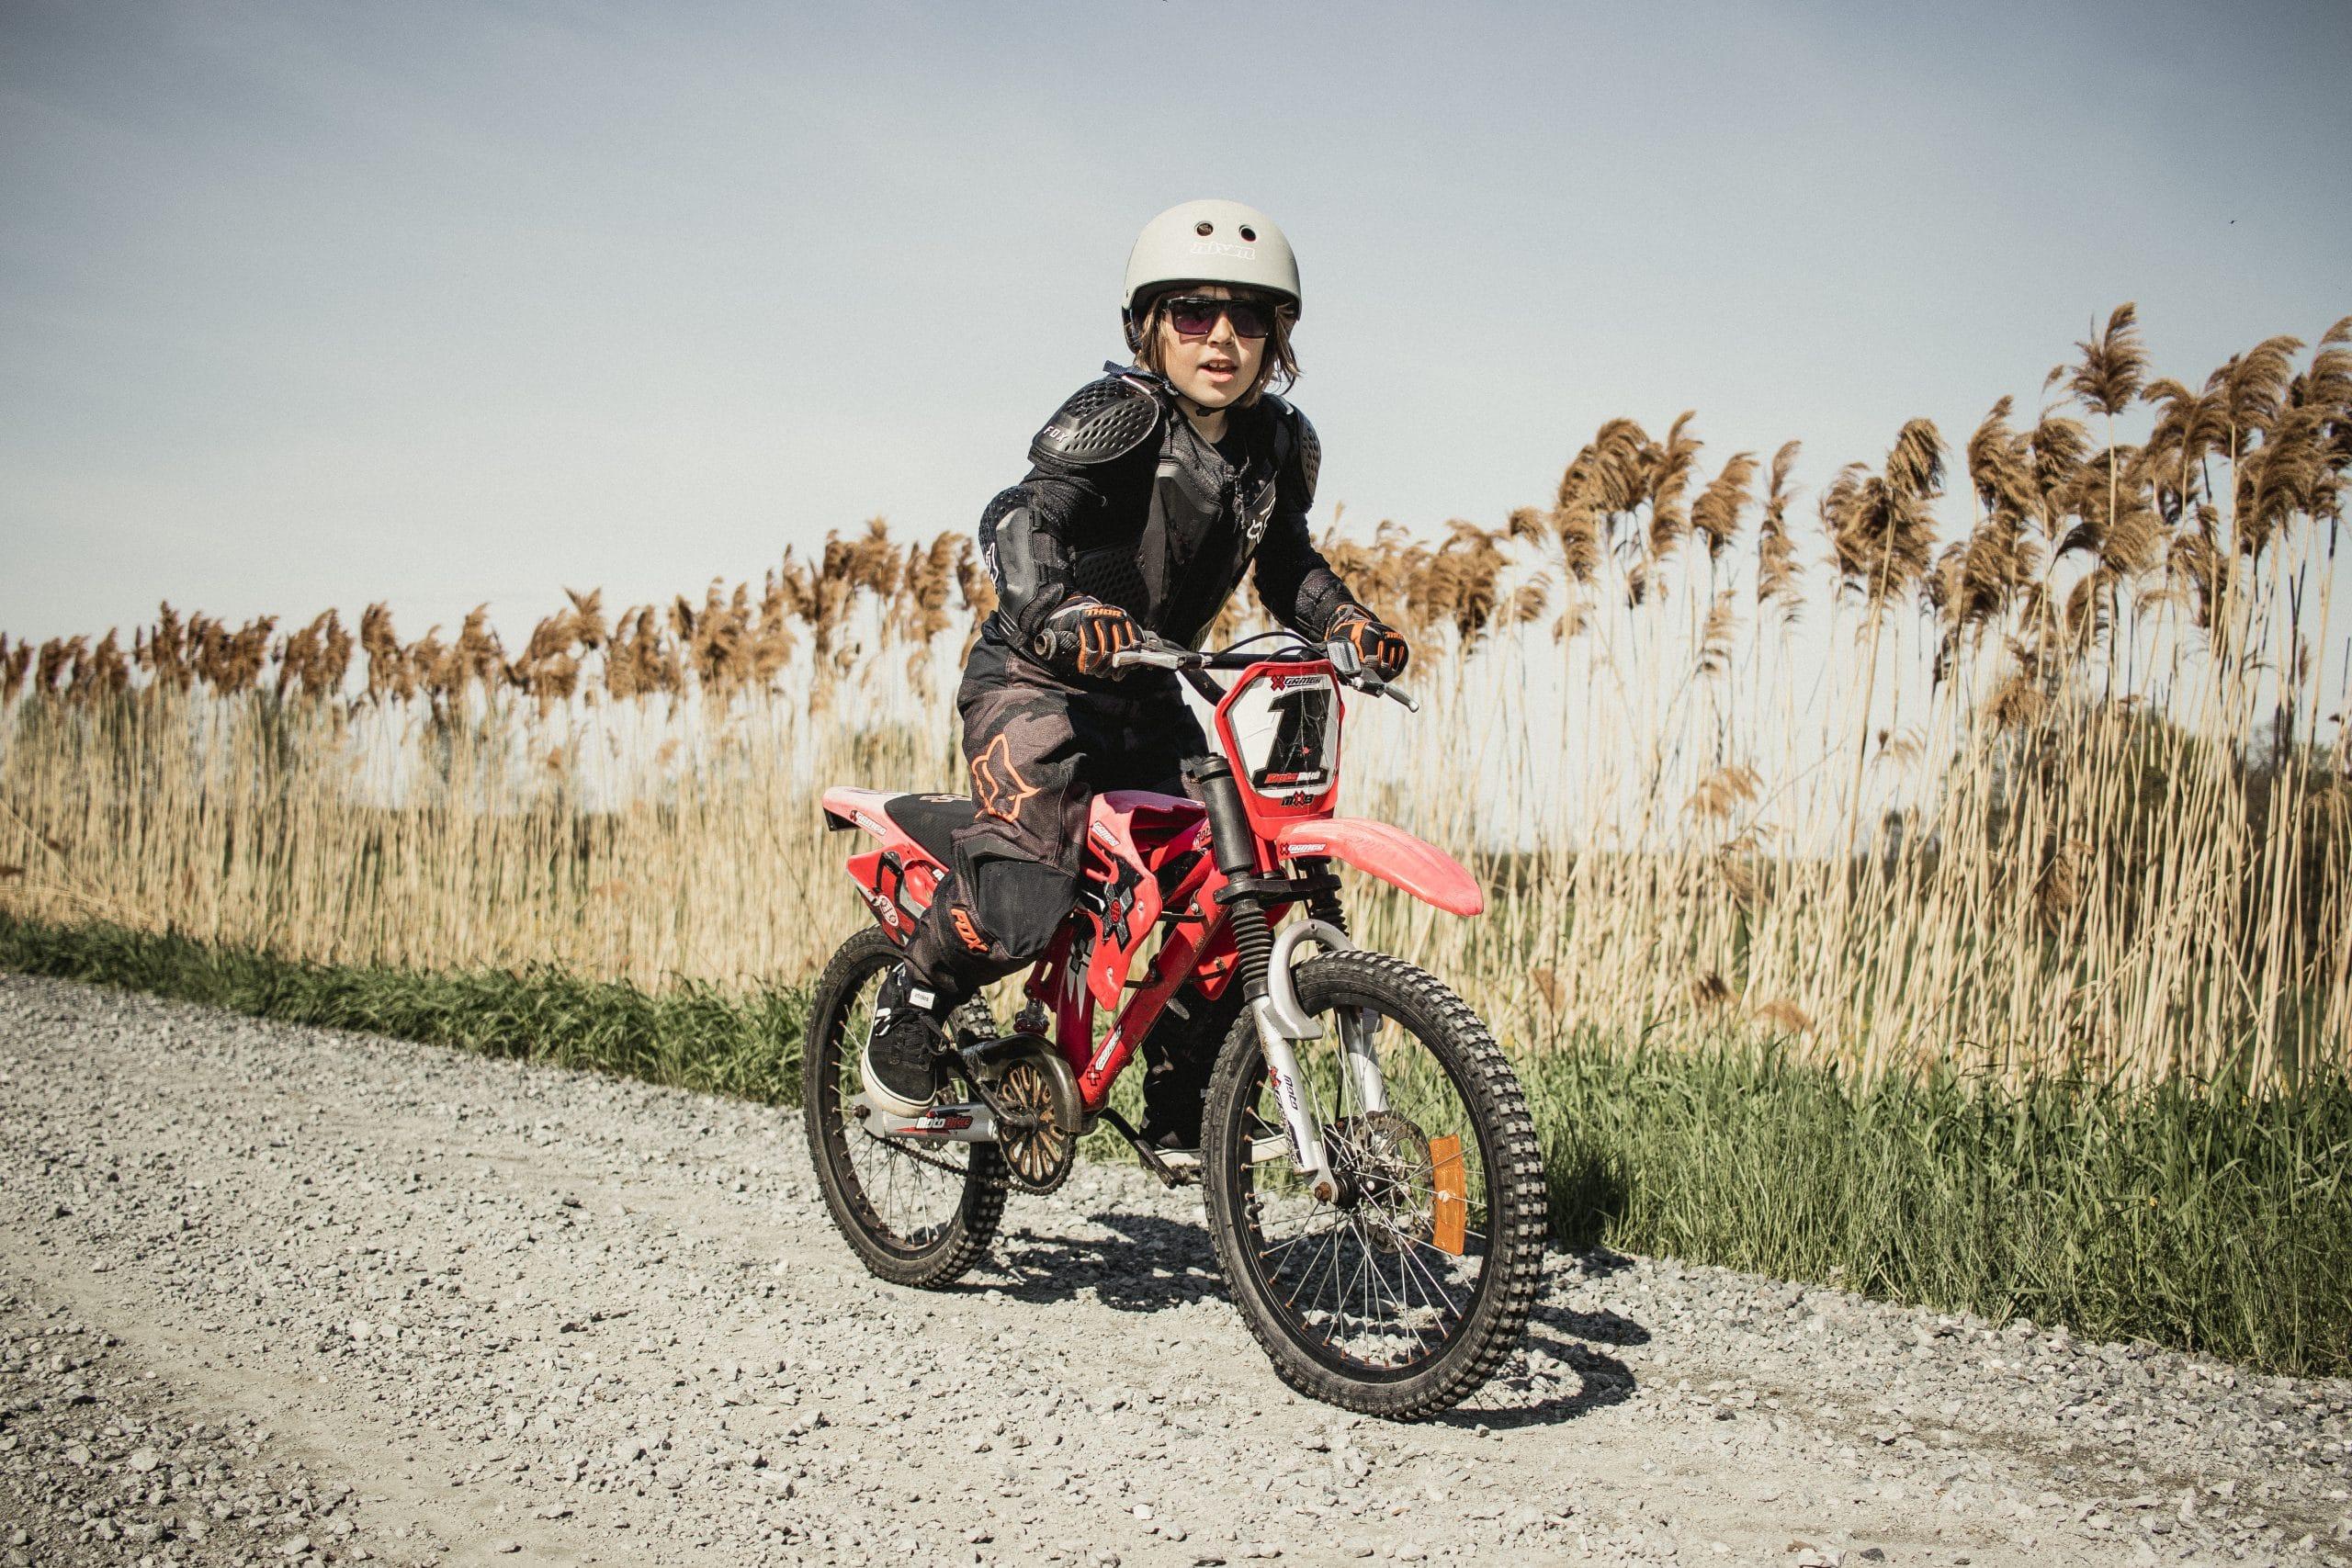 Le petit rider de 7 ans de Marie-Pier! Crédit photo : Marie-Pier Martineau